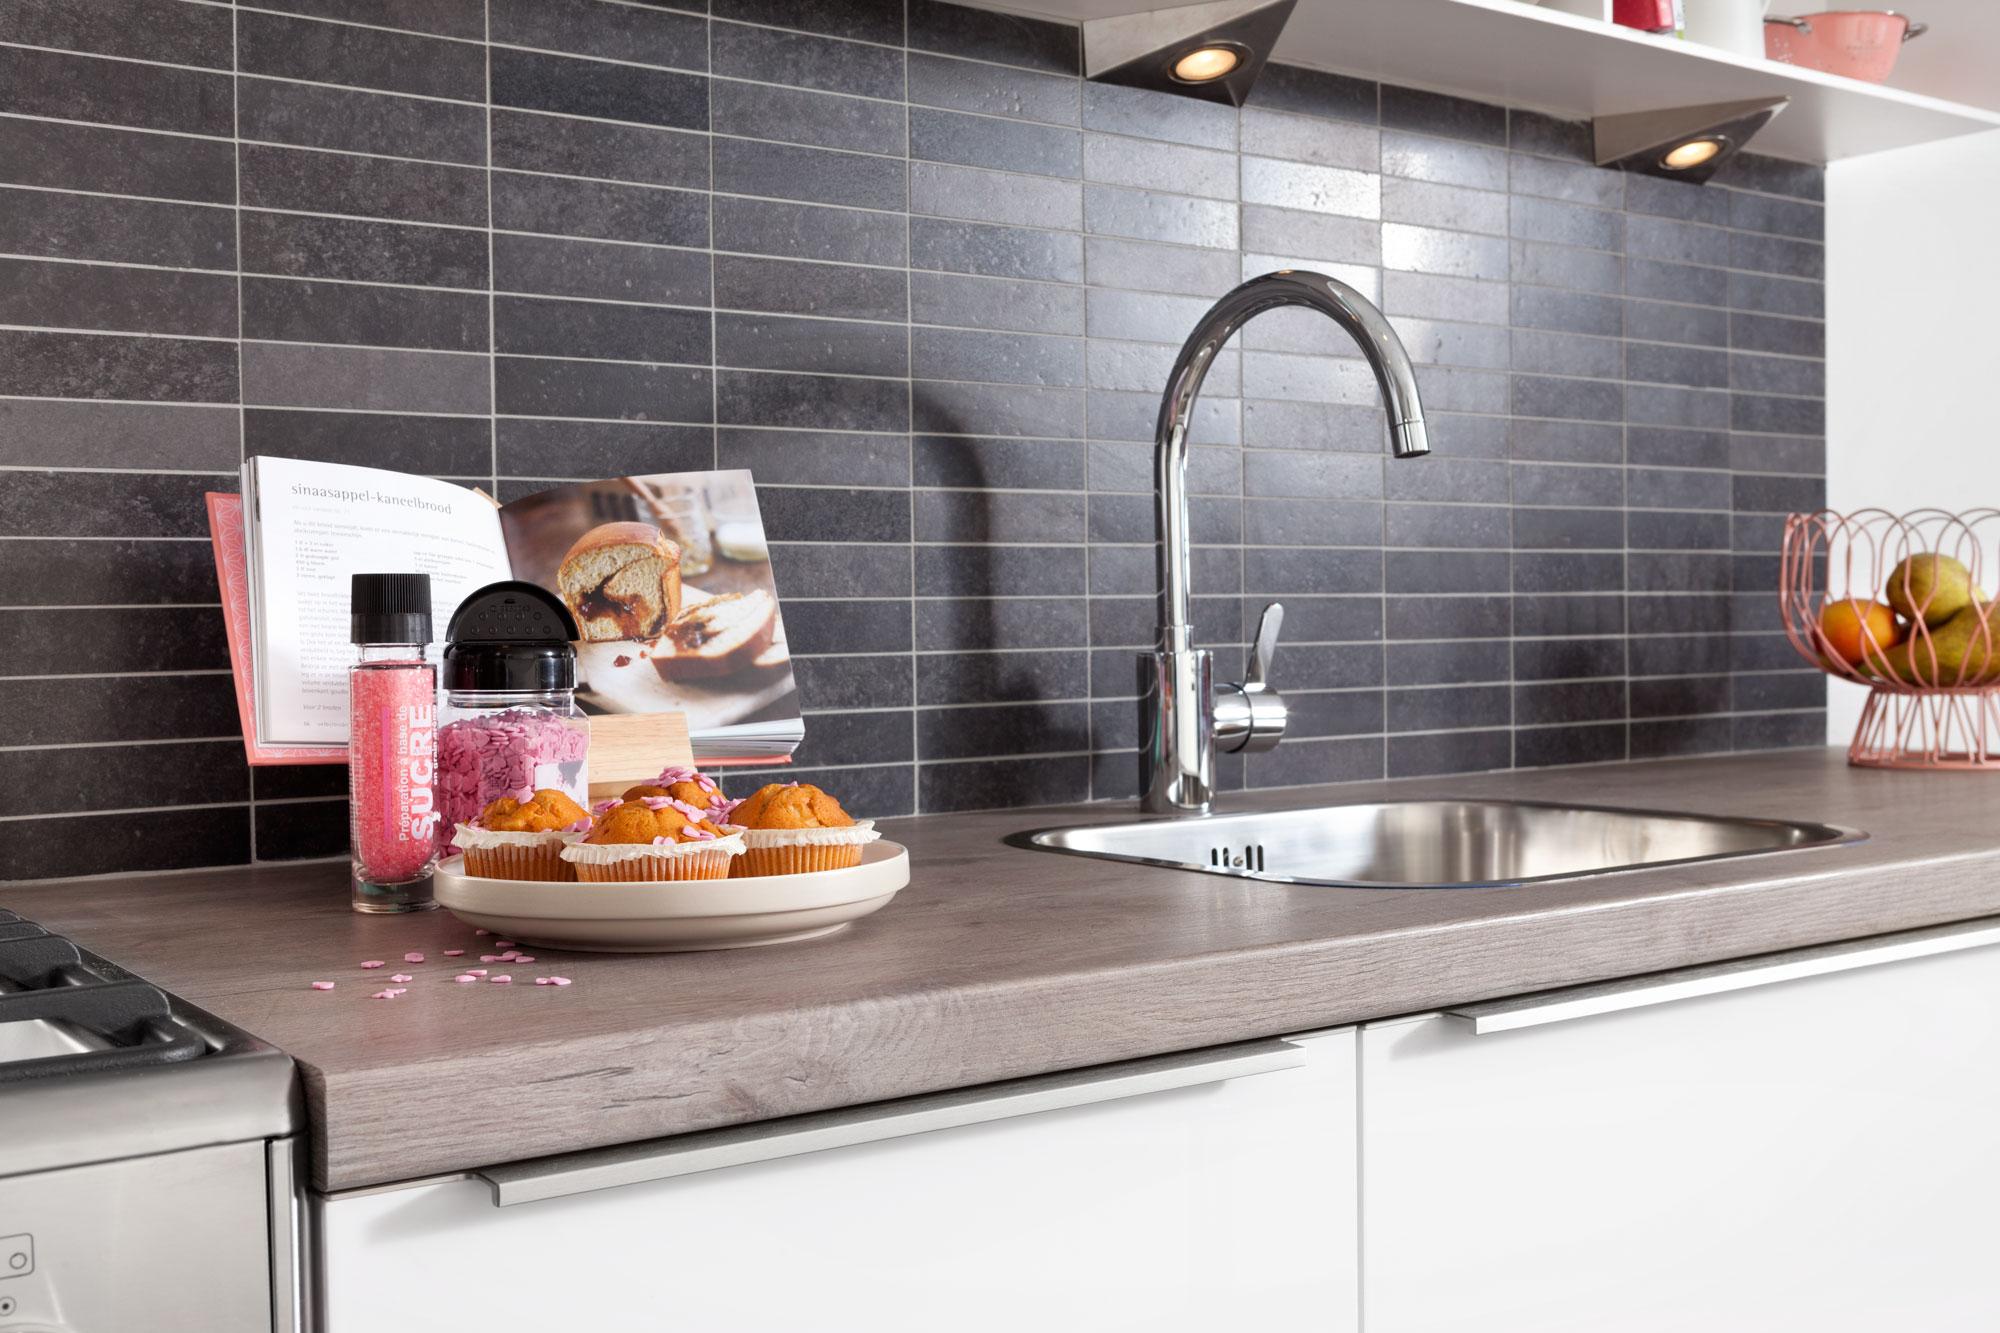 Keuken kampioen wat kost een keuken op maat for Zelf keuken samenstellen